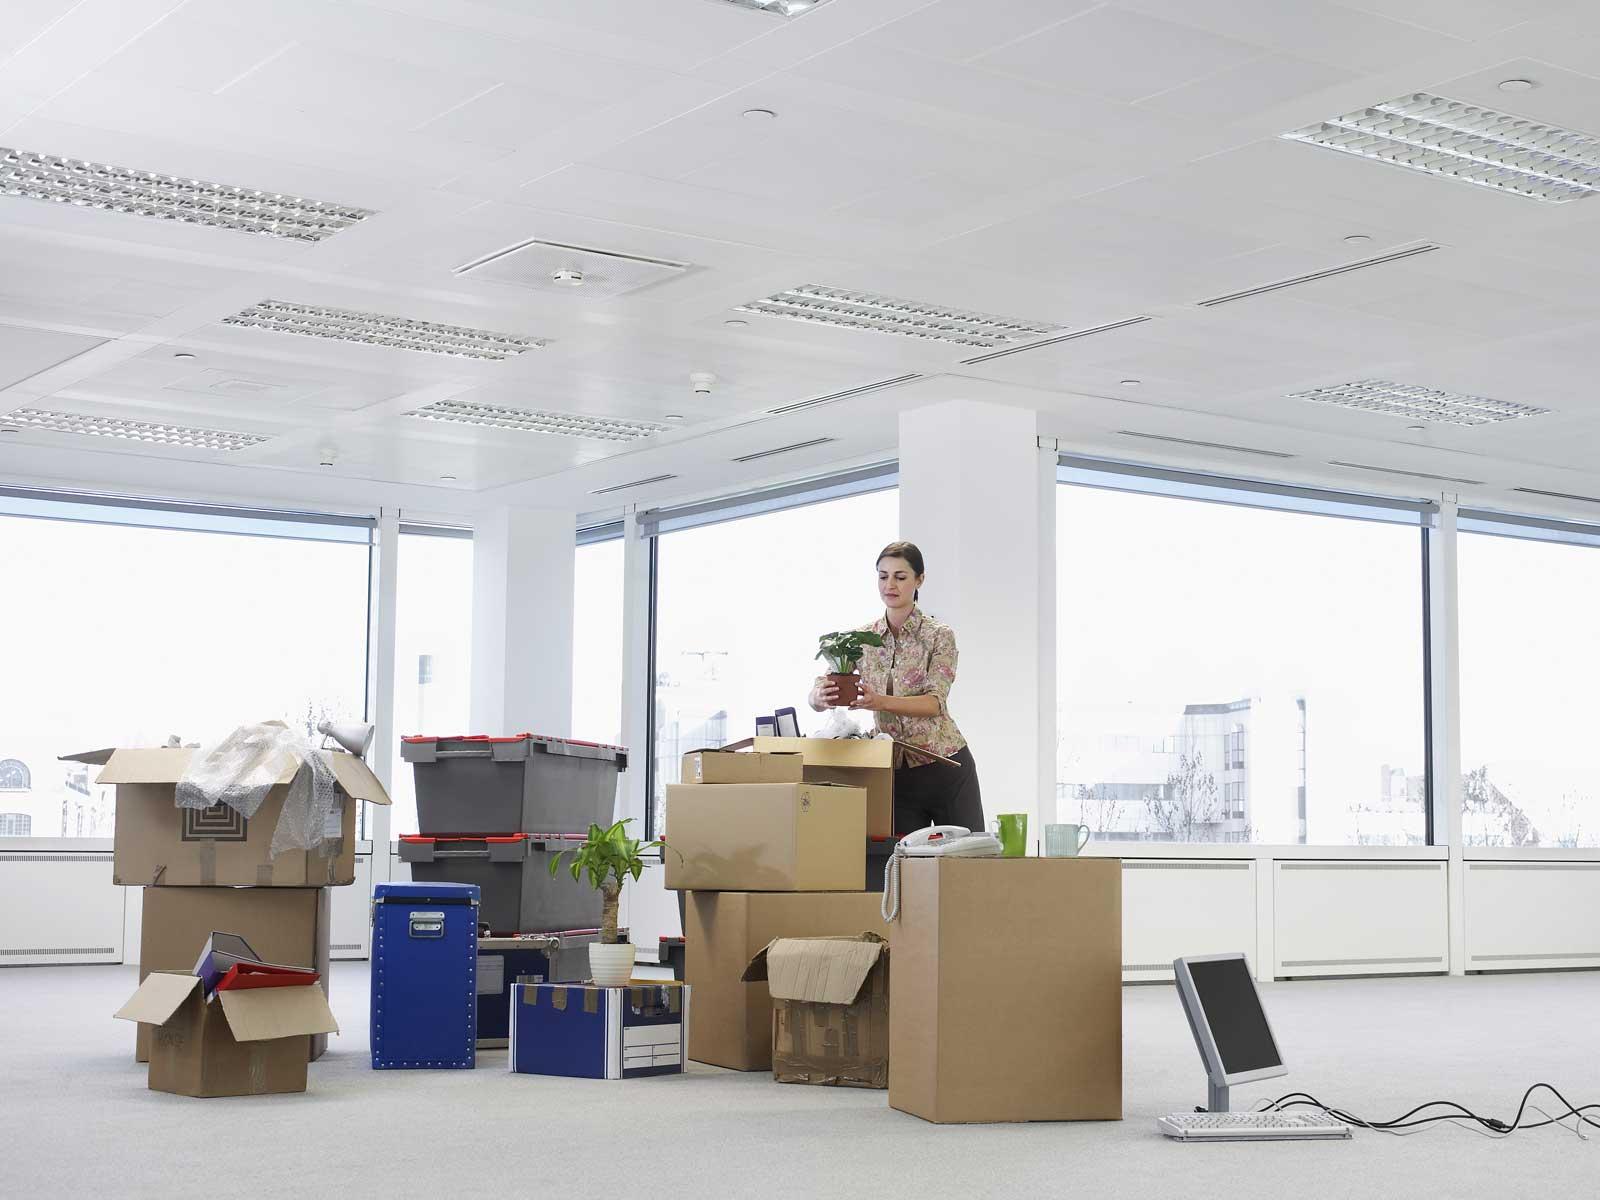 Les points importants d'un déménagement professionnel